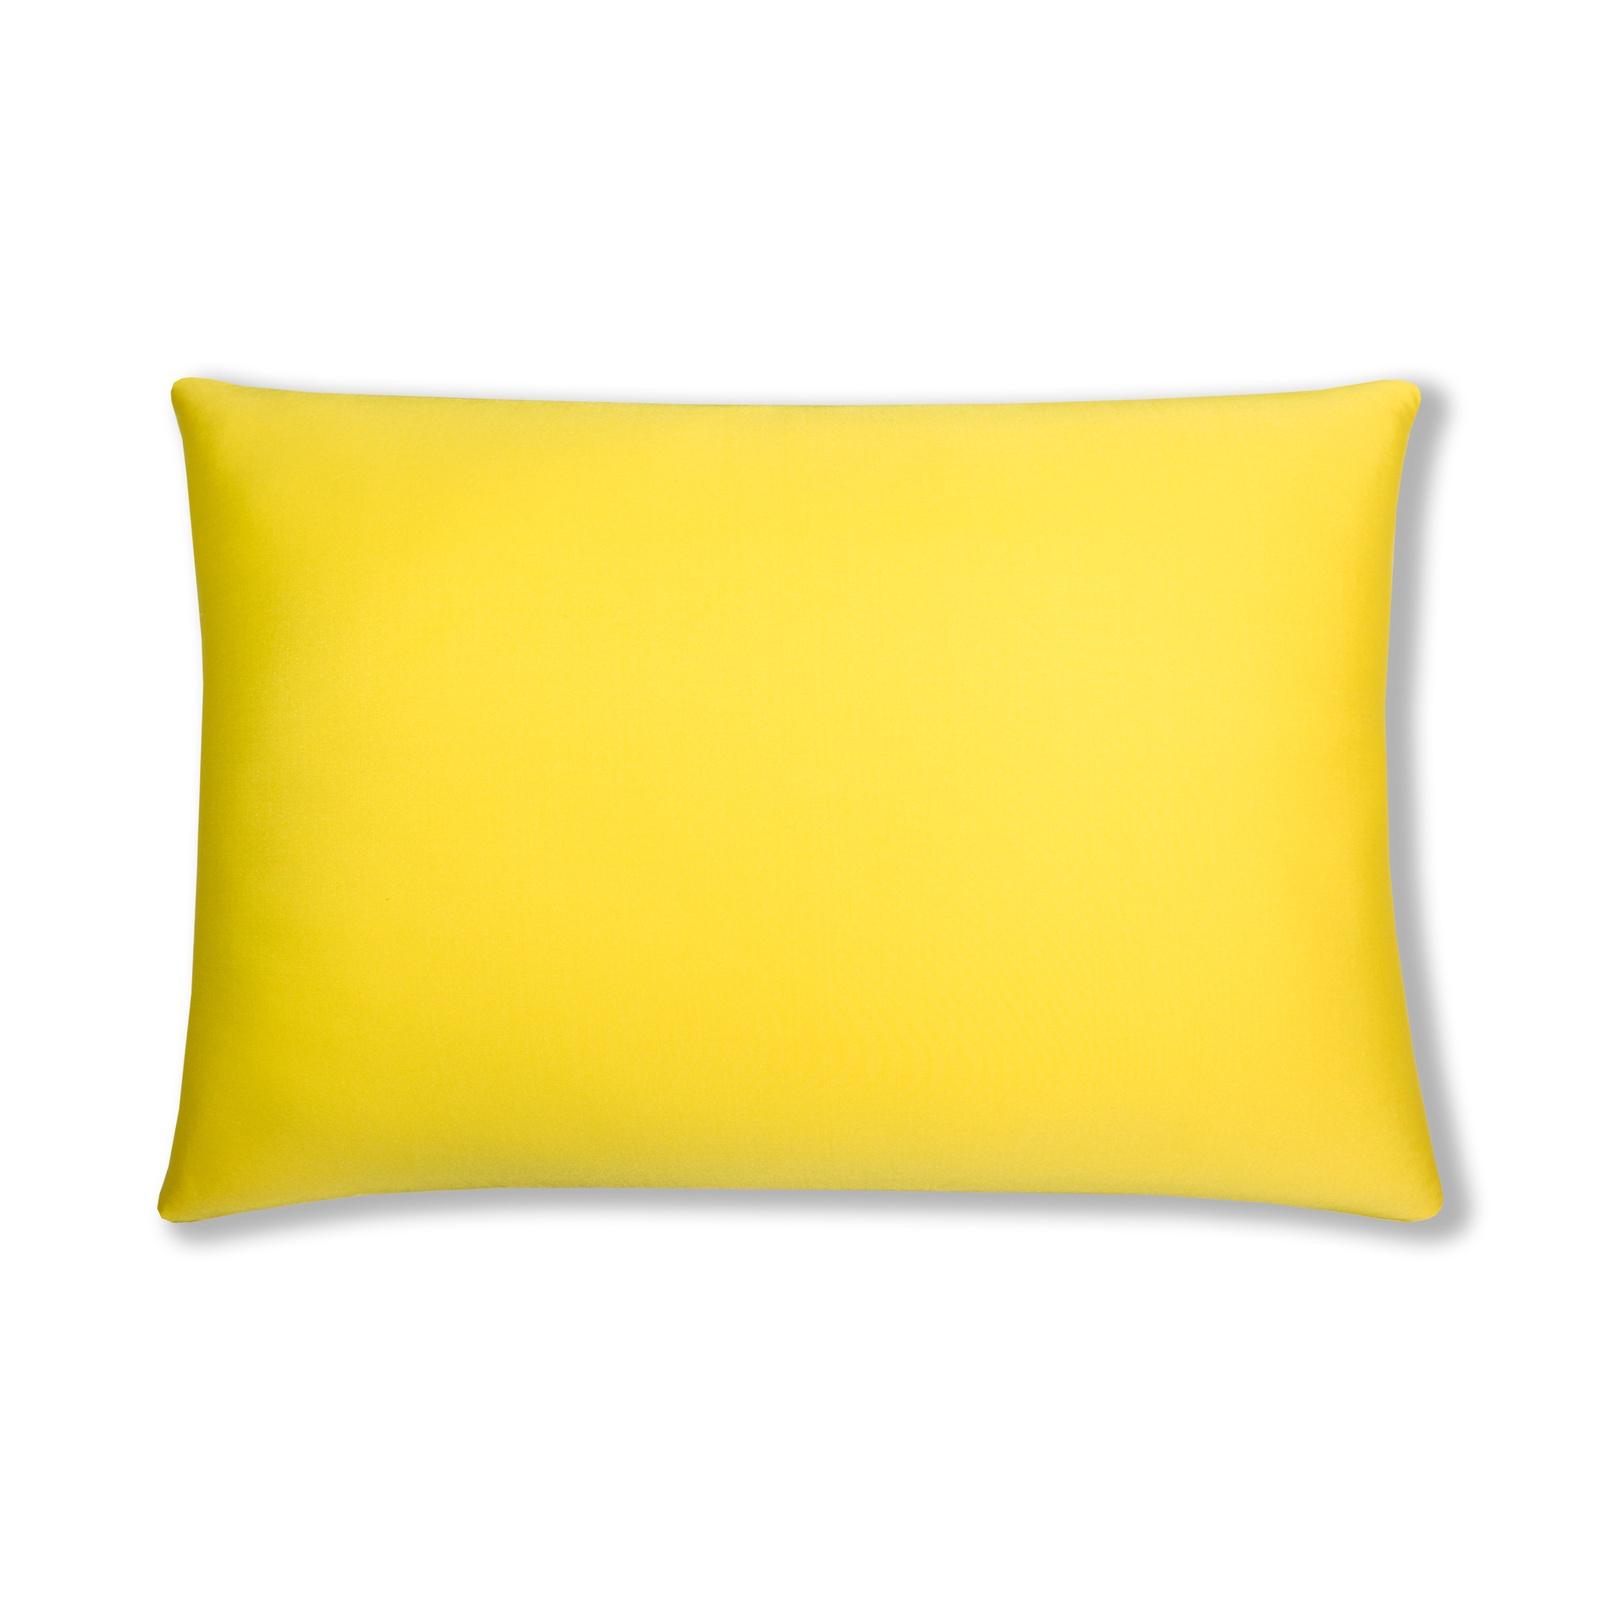 Подушка антистрессовая Штучки, к которым тянутся ручки Дачница, цвет: желтый, 40 x 30 см подушка антистрессовая штучки к которым тянутся ручки ассорти цвет сиреневый 30 х 27 см